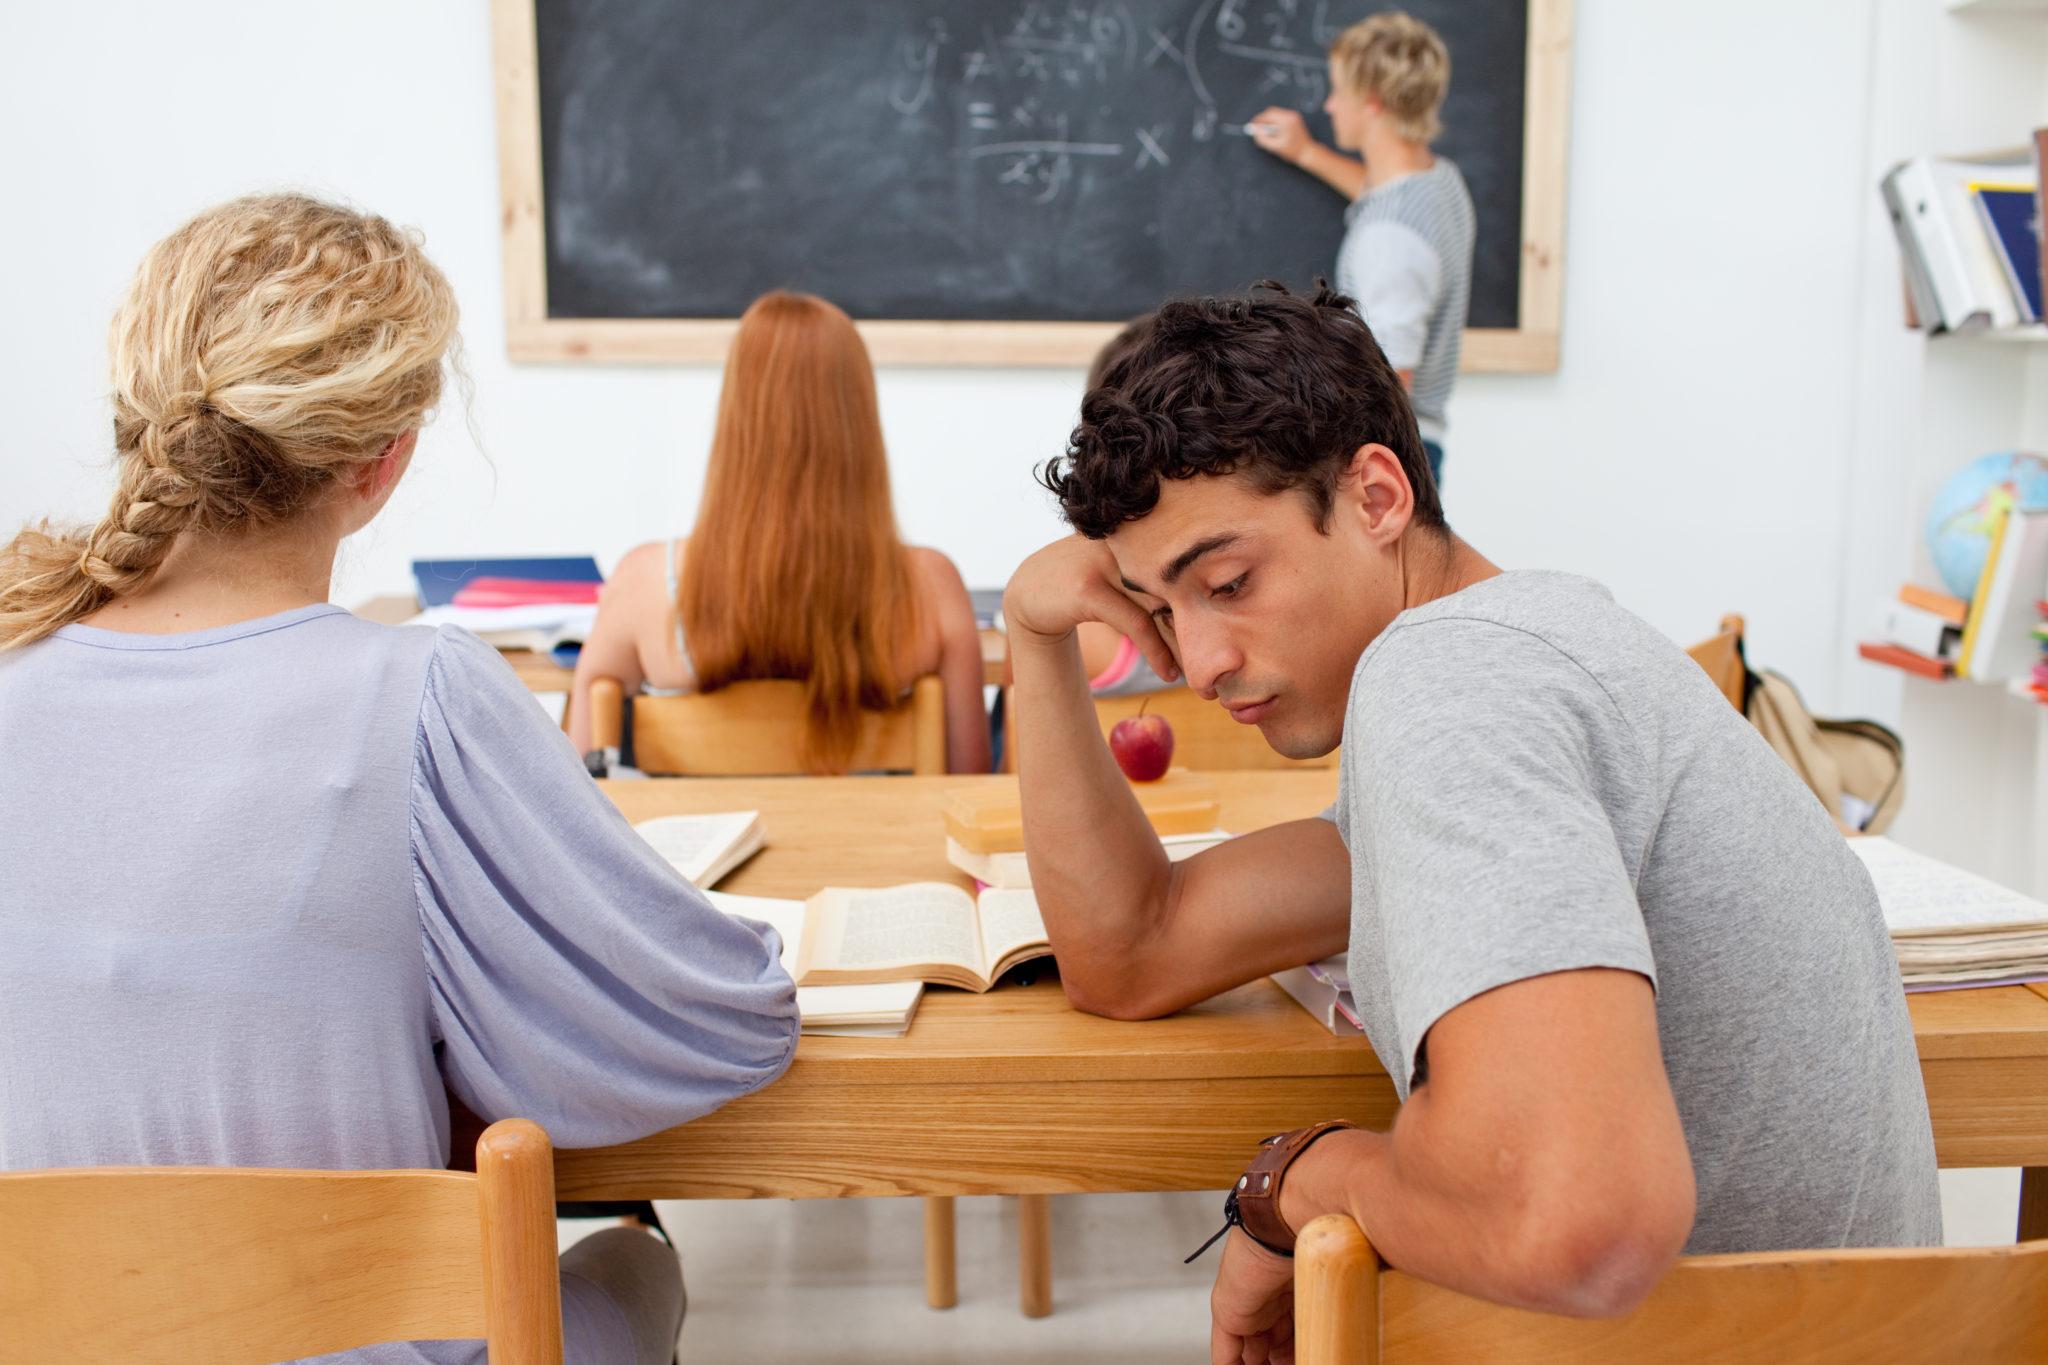 verveelde mbo-student in de klas